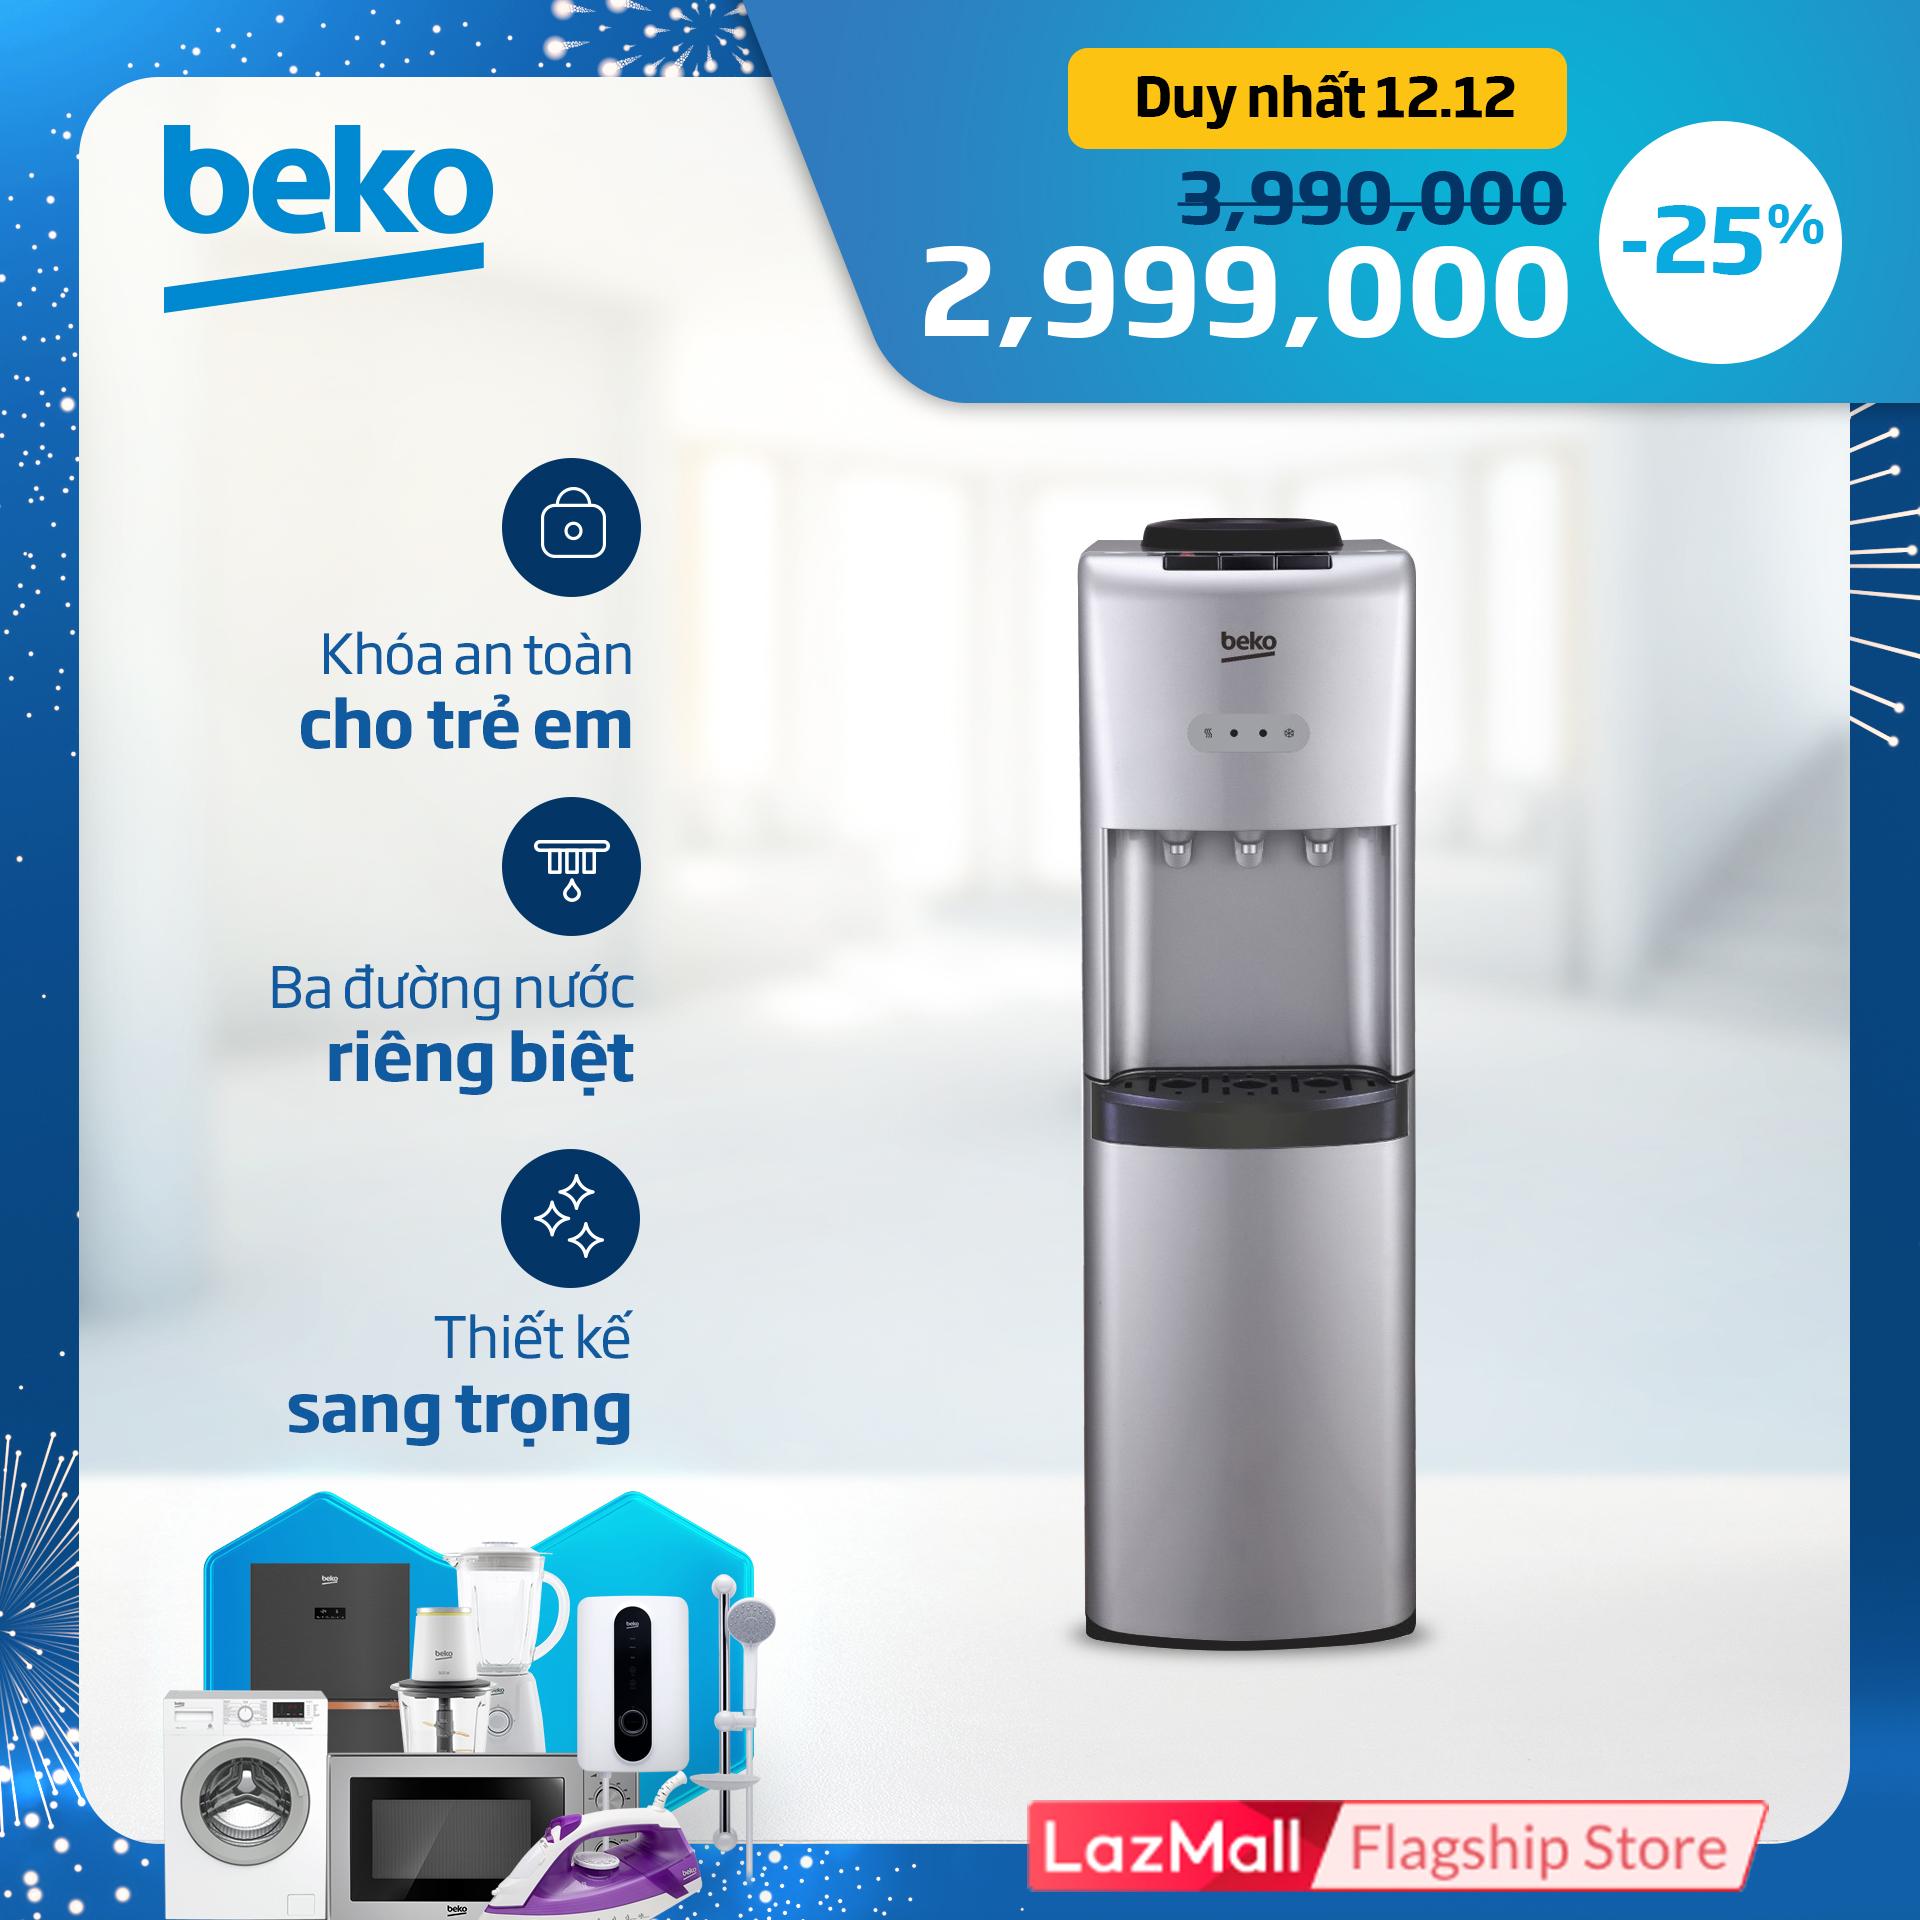 Cây nước nóng lạnh Beko BSS 4611 SC - Model bình úp - Công suất: Làm lạnh 100W - Làm nóng 420W - Có khóa trẻ em - Hàng chính hãng bảo hành 12 tháng